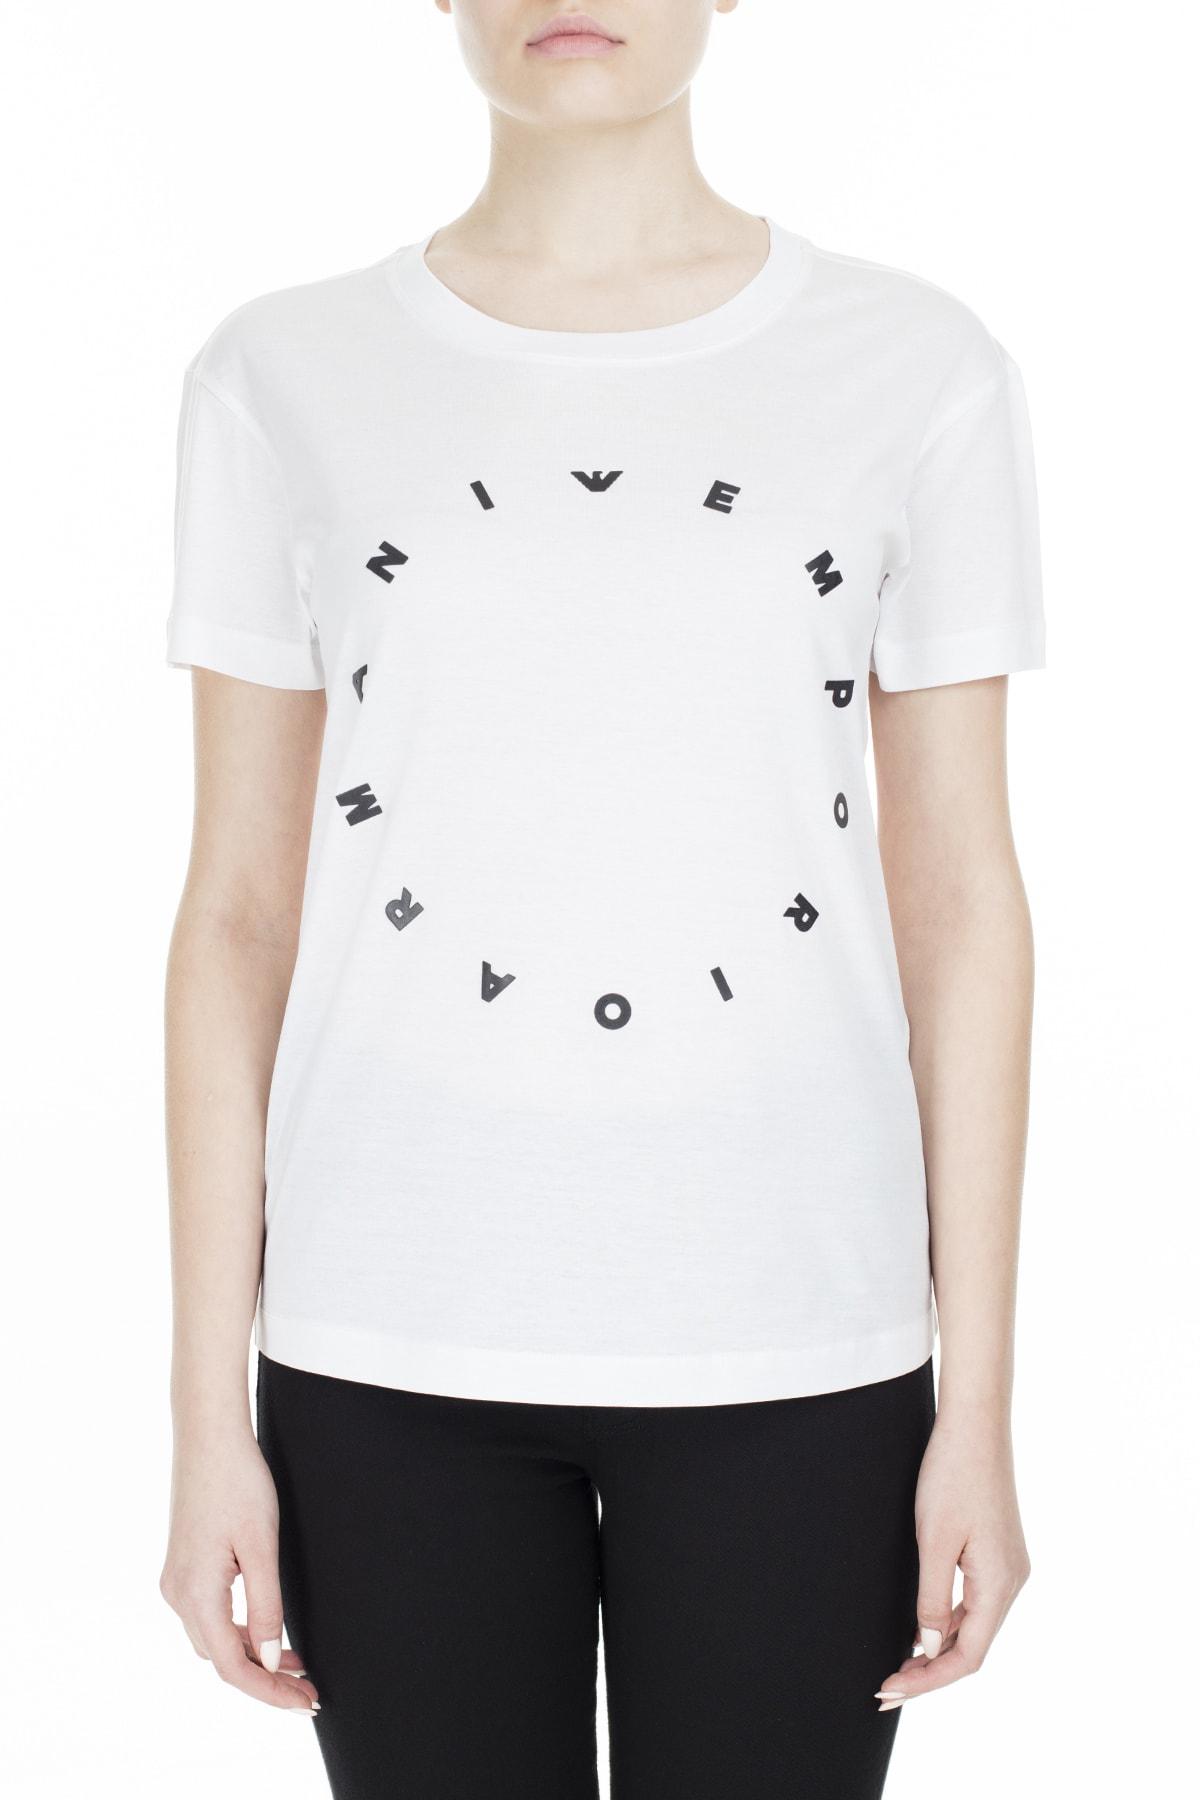 Emporio Armani Regular Fit T Shirt Kadın T Shirt S 6G2T7I 2Jq3Z 0100 S 6G2T7I 2JQ3Z 0100